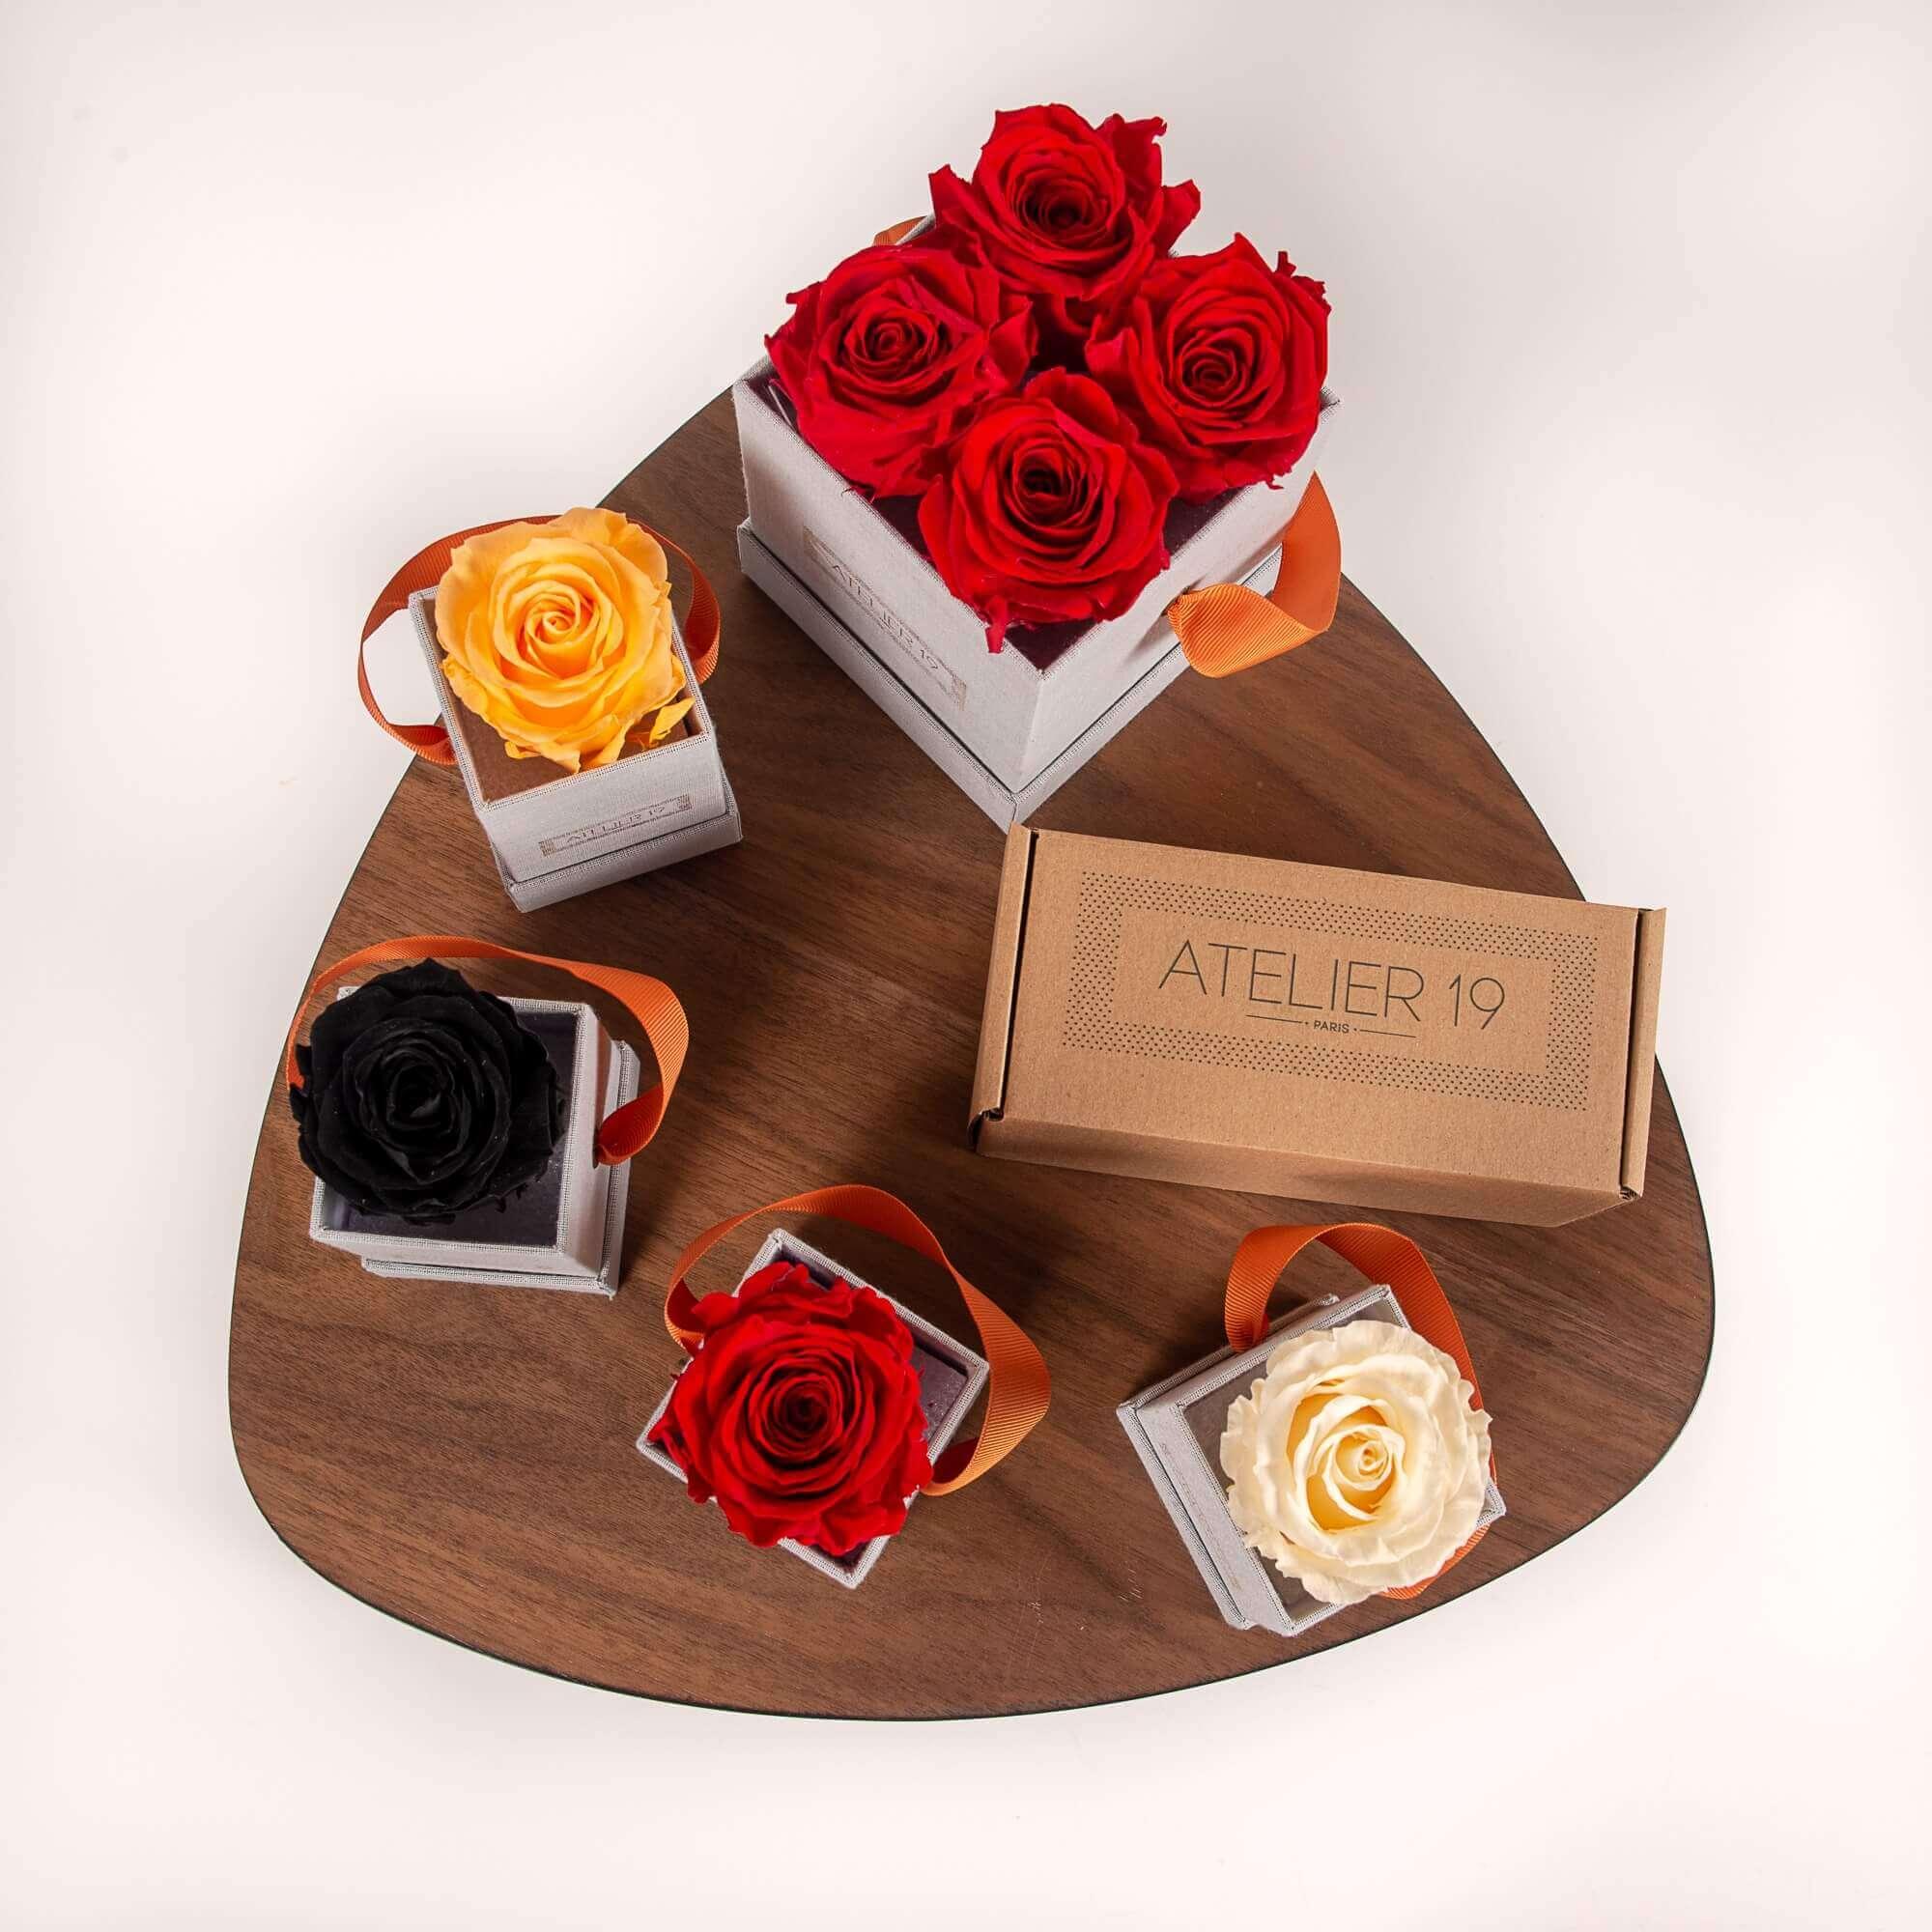 Cajas con rosas de diversos colores